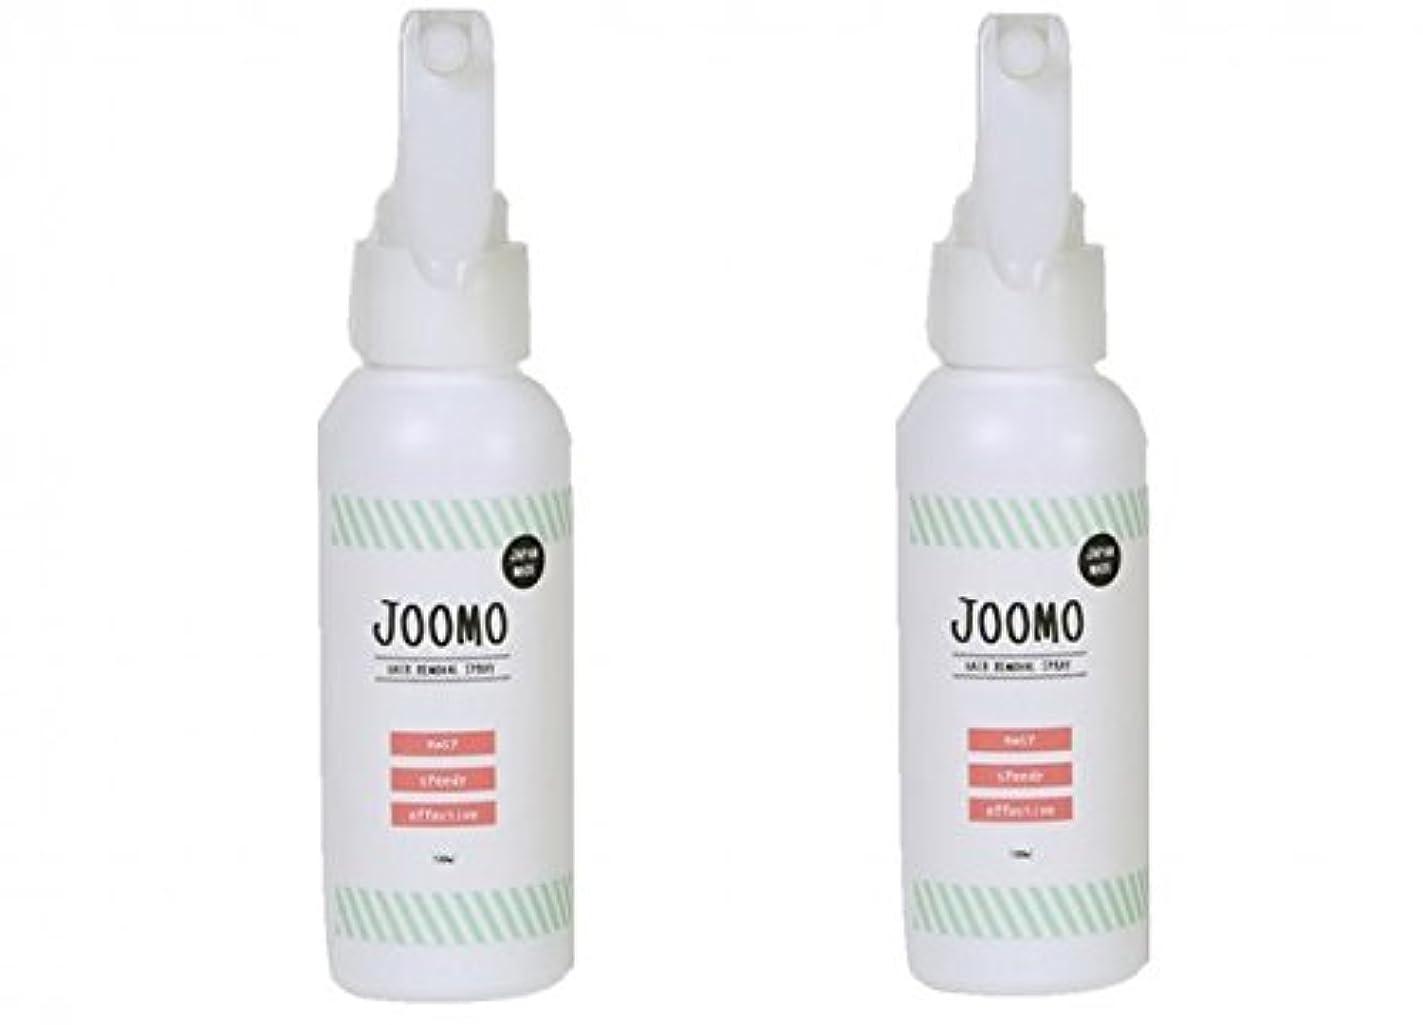 予防接種するネストパンツさずかりファミリー JOOMO(ジョーモ) 除毛スプレー 【公式】医薬部外品 100ml ×2